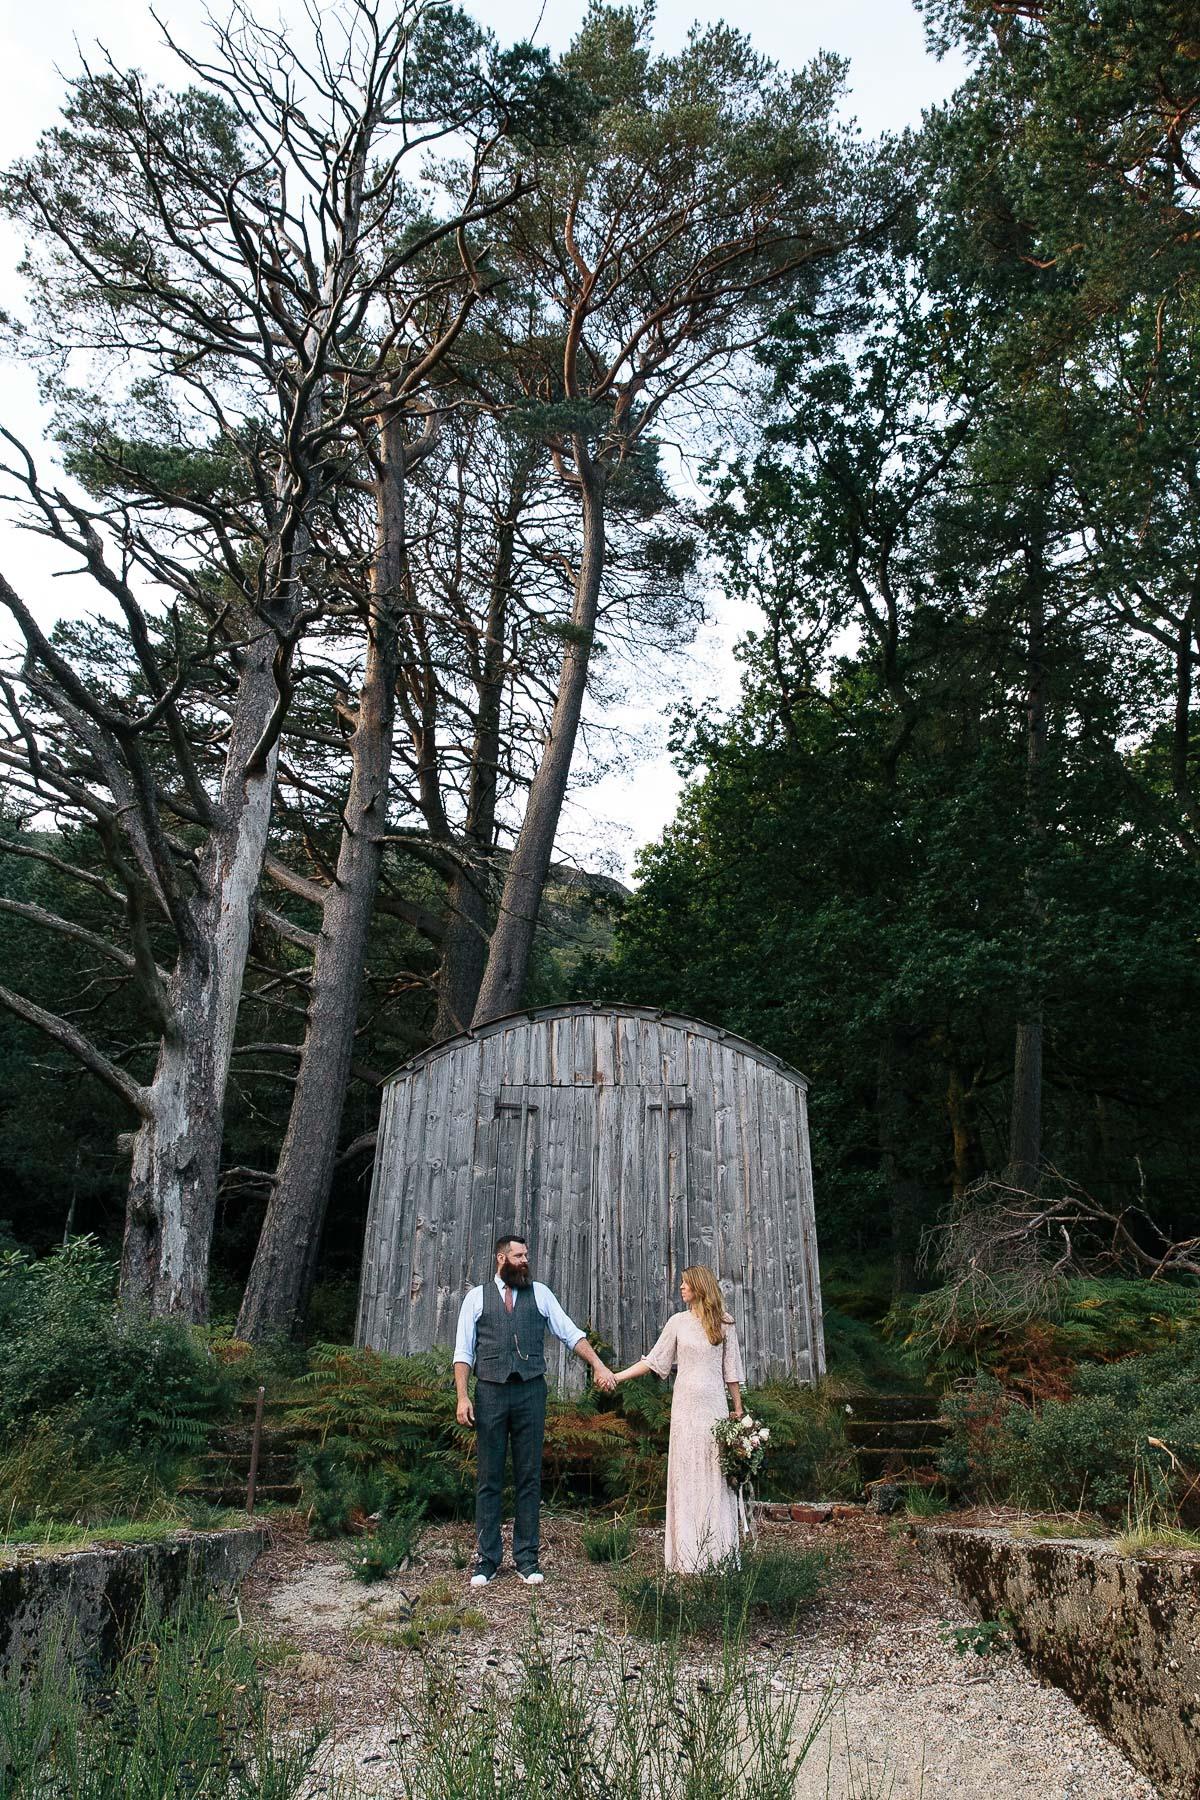 Loch-highland-elopement-wedding-11.jpg